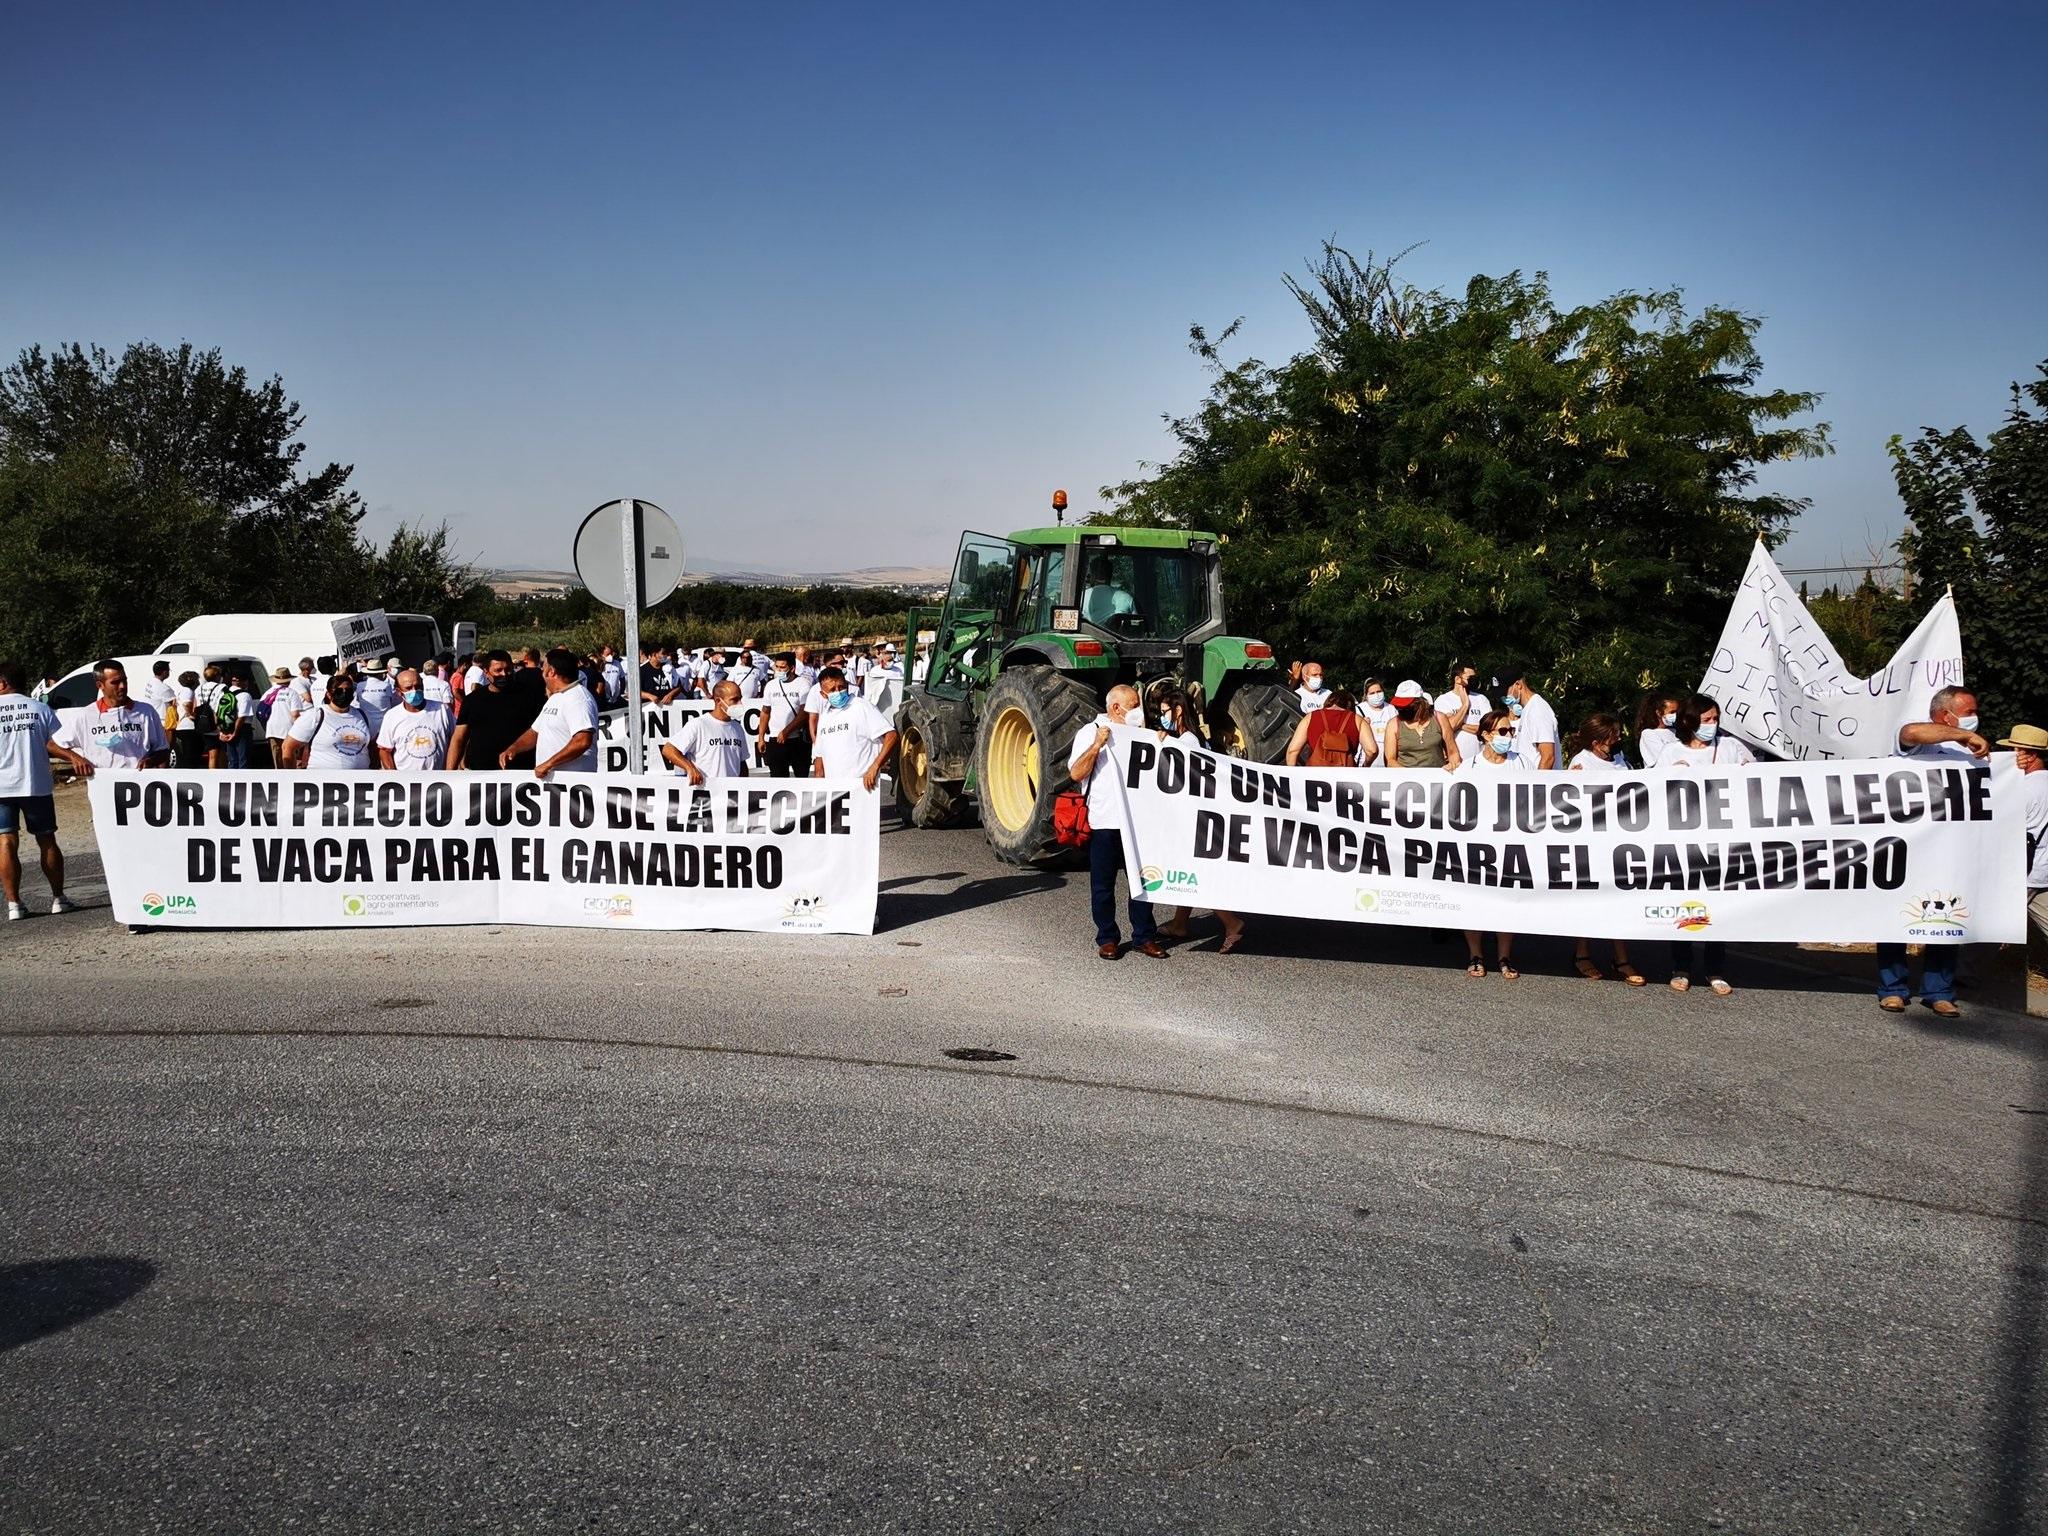 Medio millar de personas y 50 tractores apoyan a los productores por unos precios justos de la leche